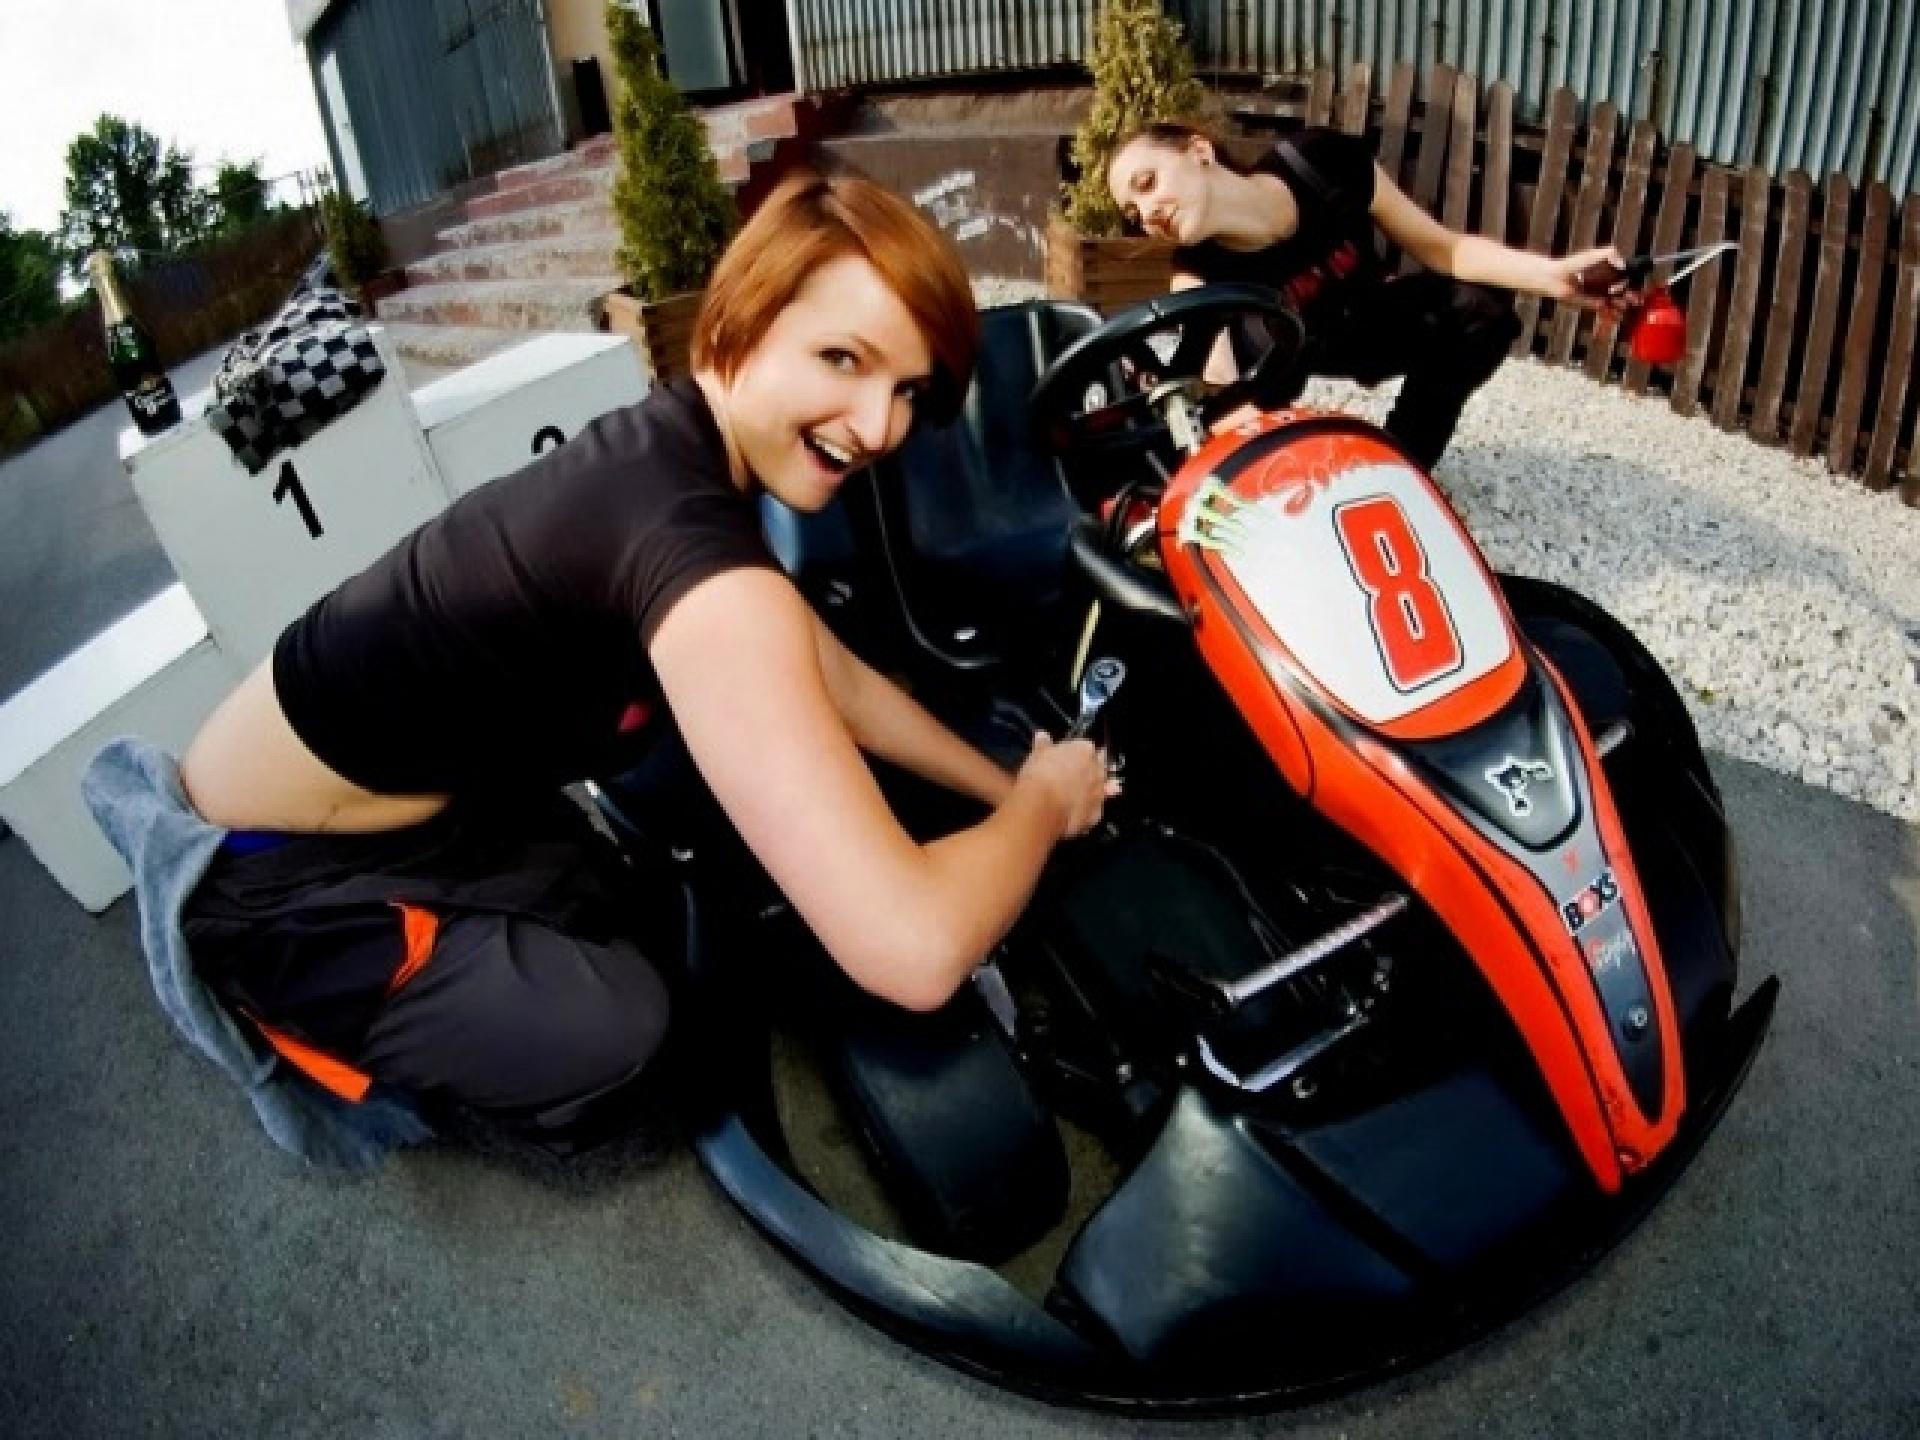 girl and kart